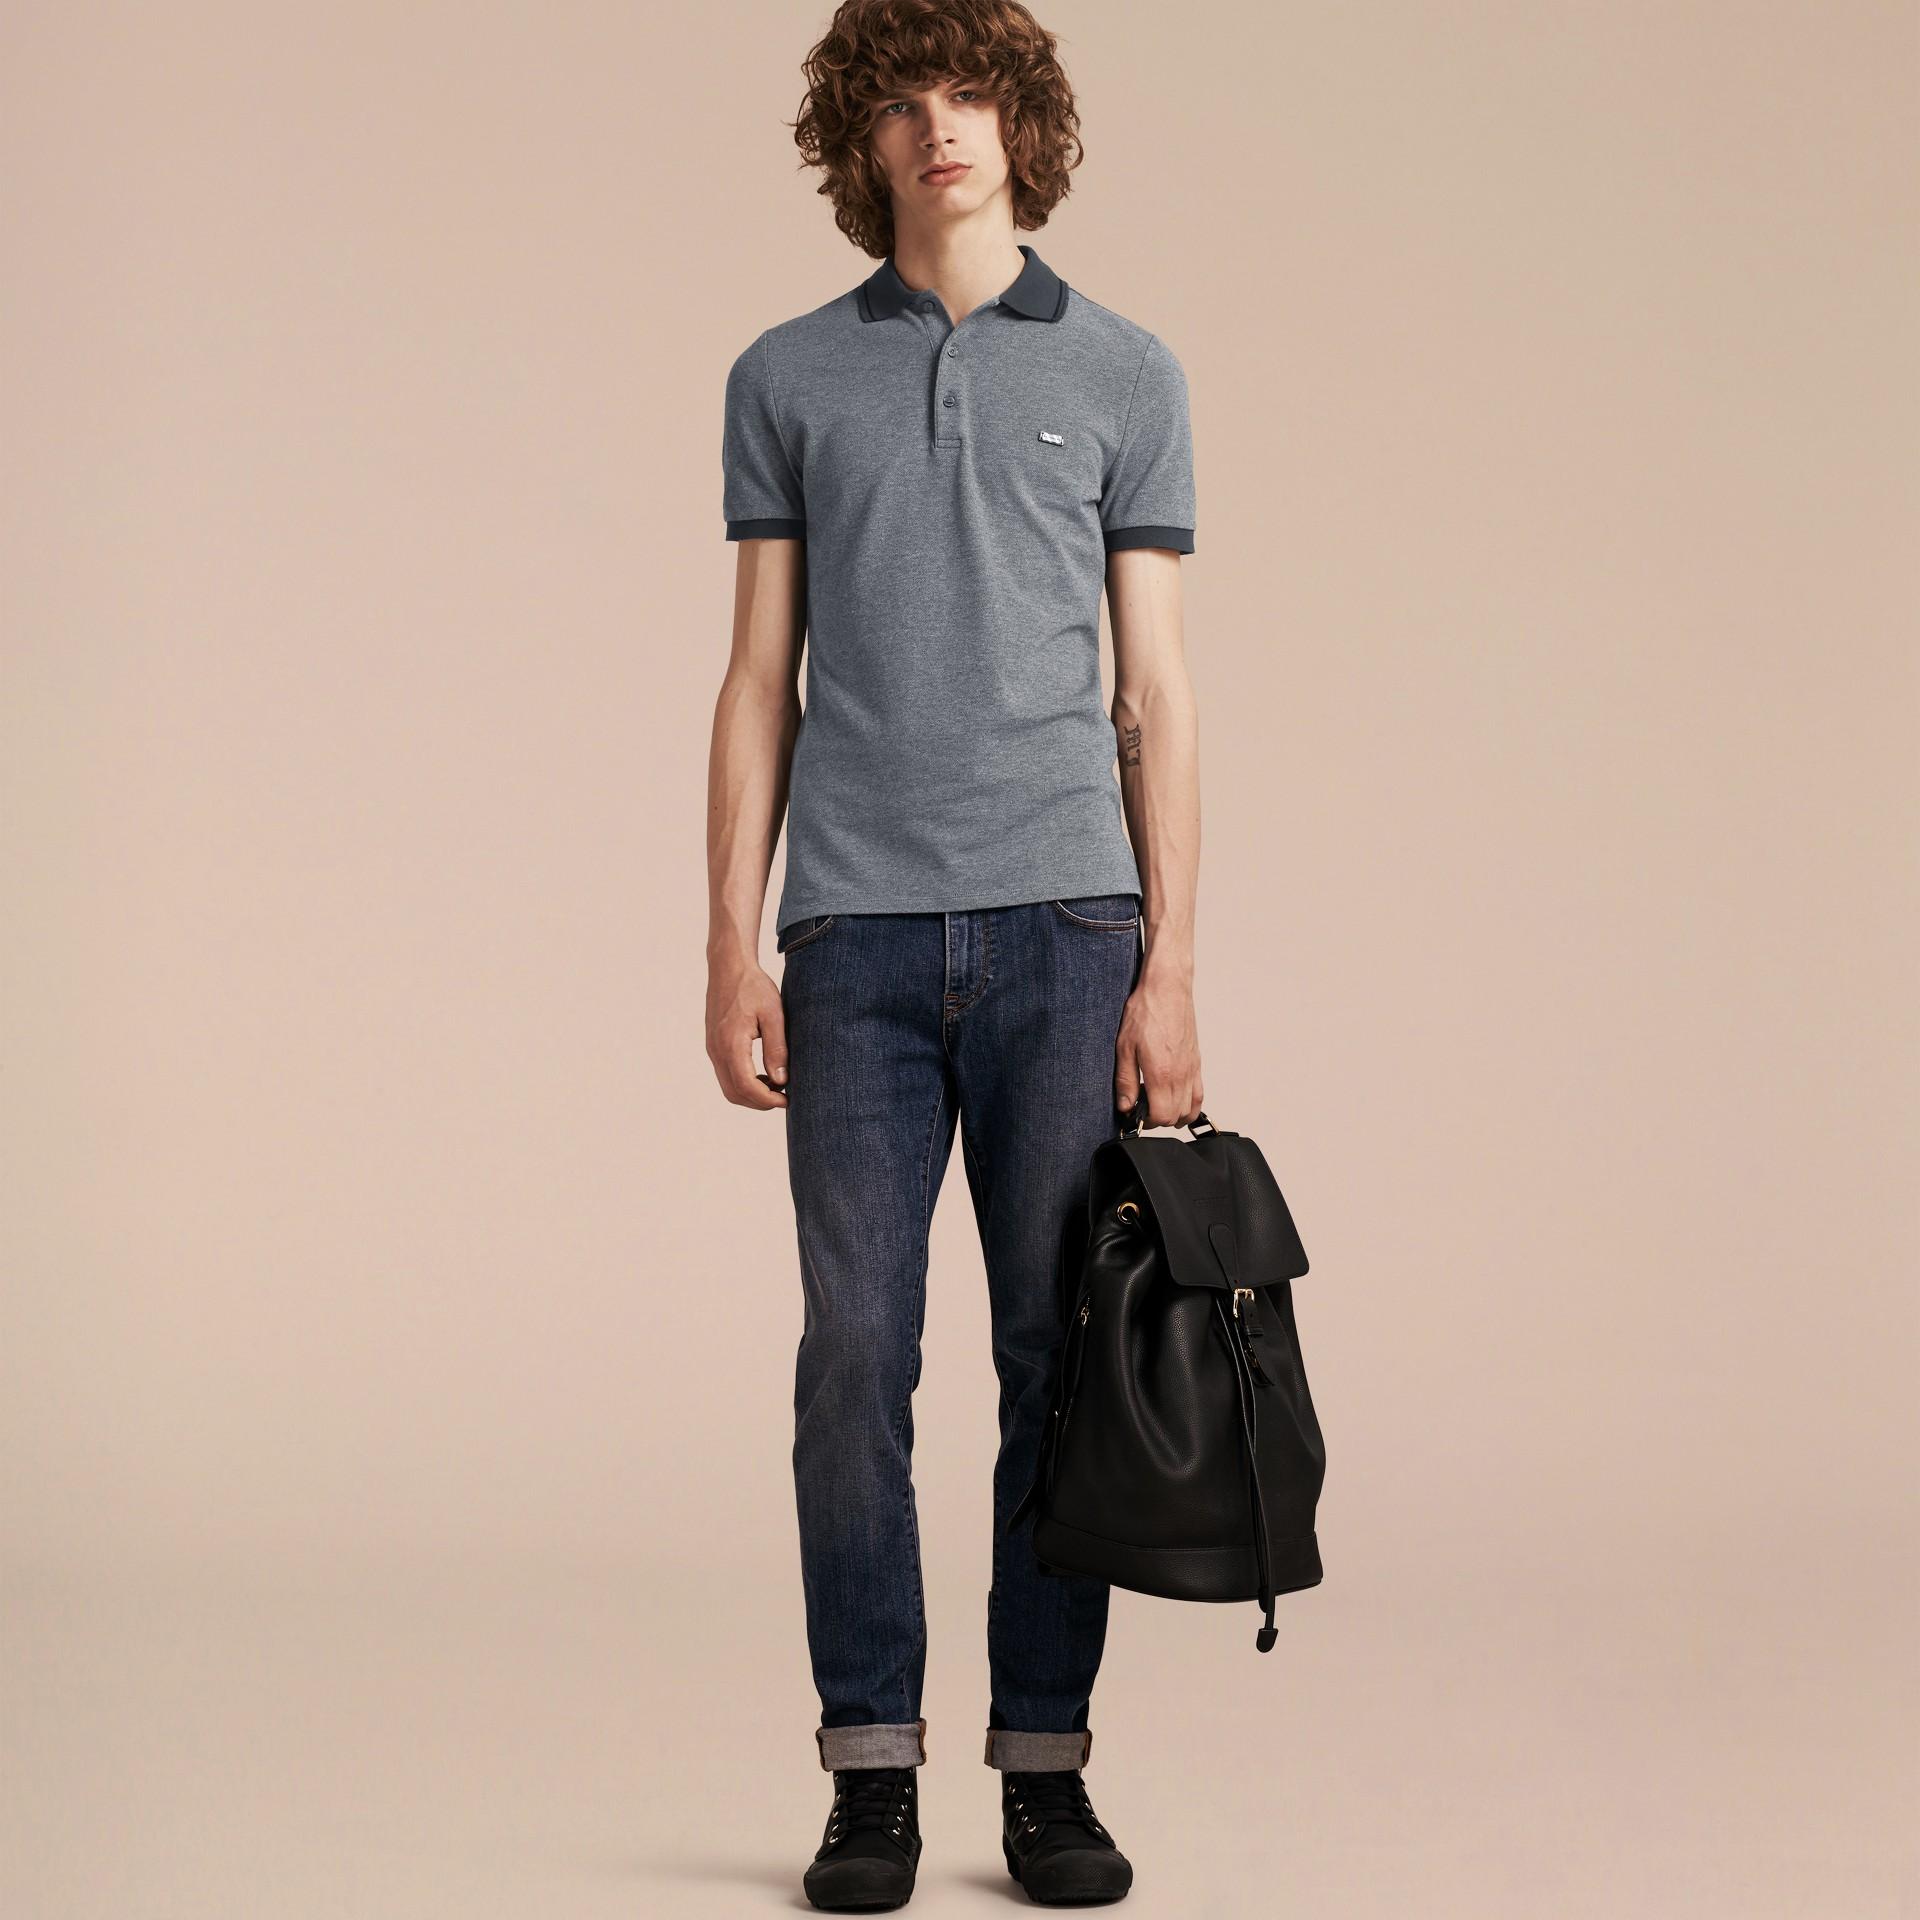 Mid grey melange Camisa polo de algodão piquê com detalhes contrastantes Mid Grey Melange - galeria de imagens 6